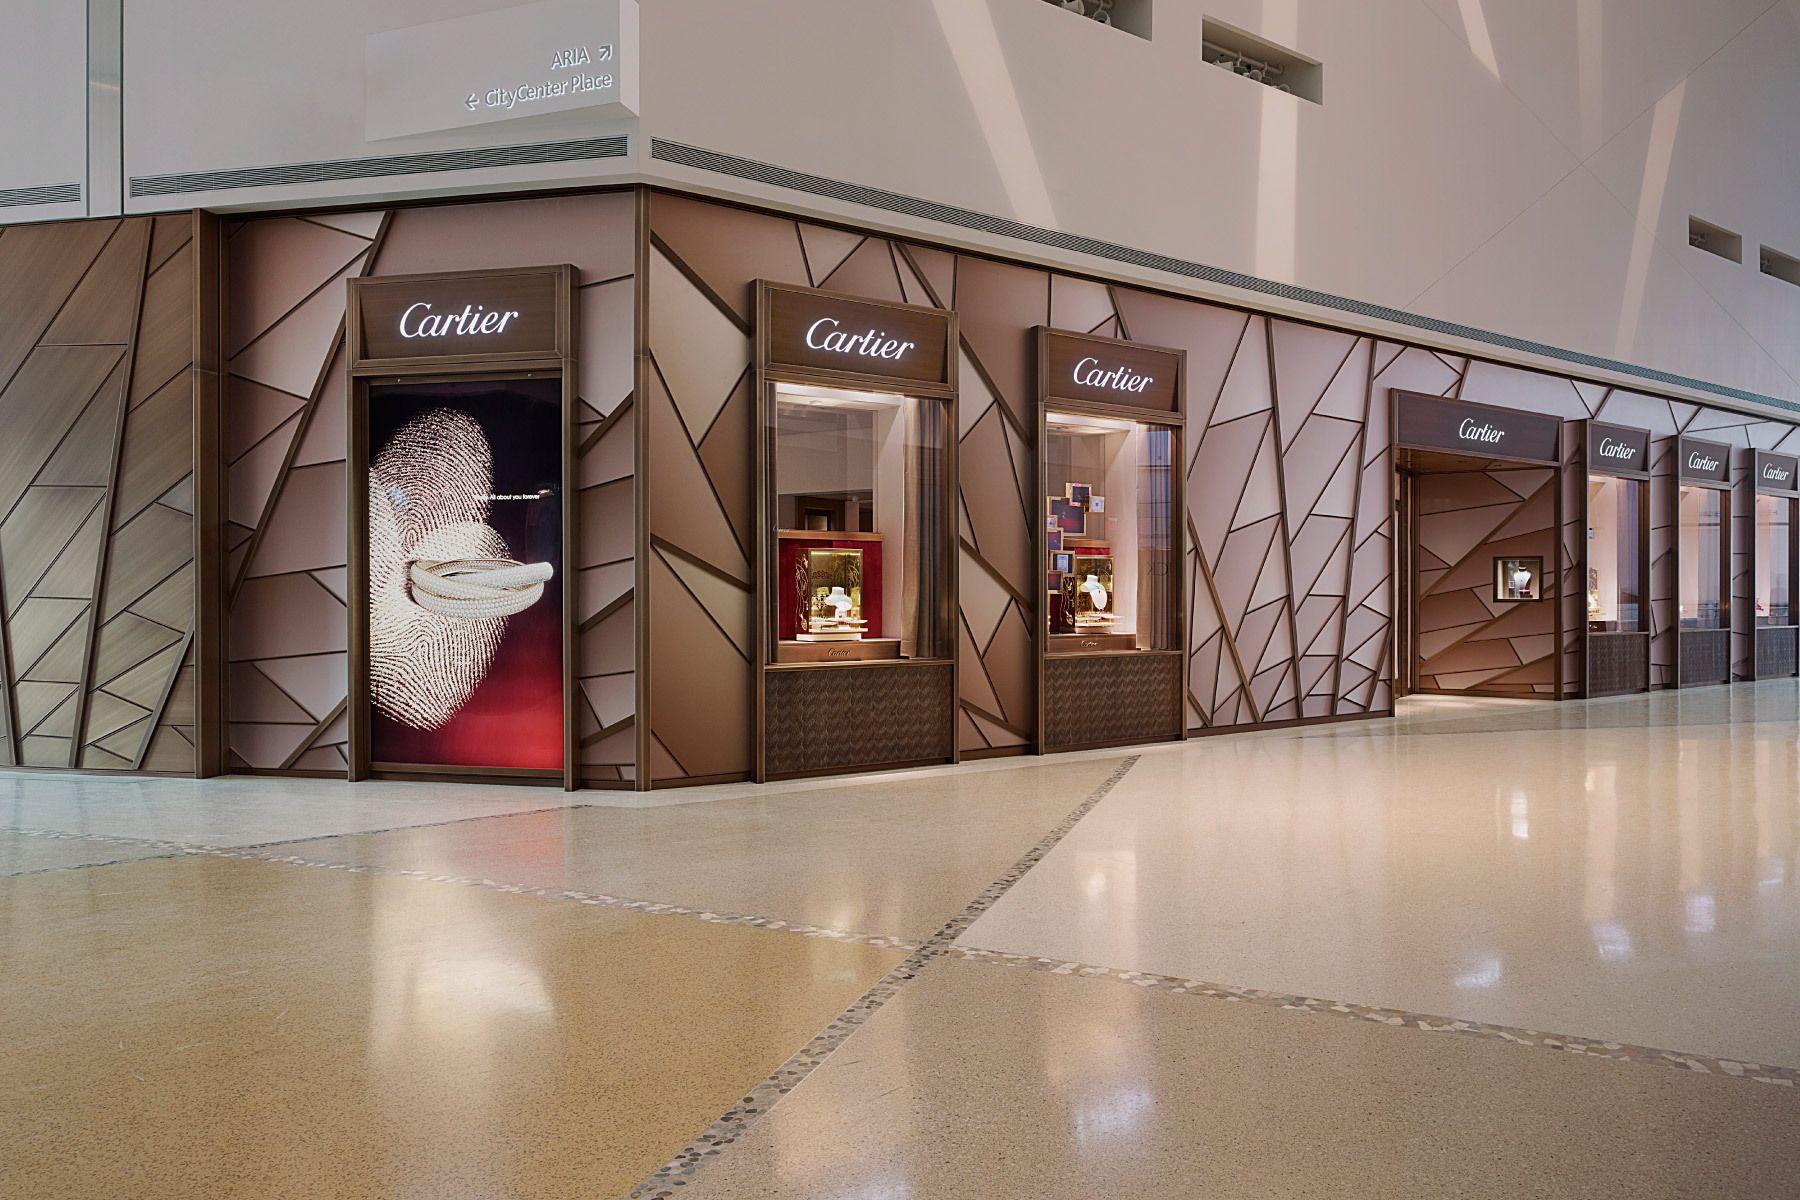 Cartier Facade